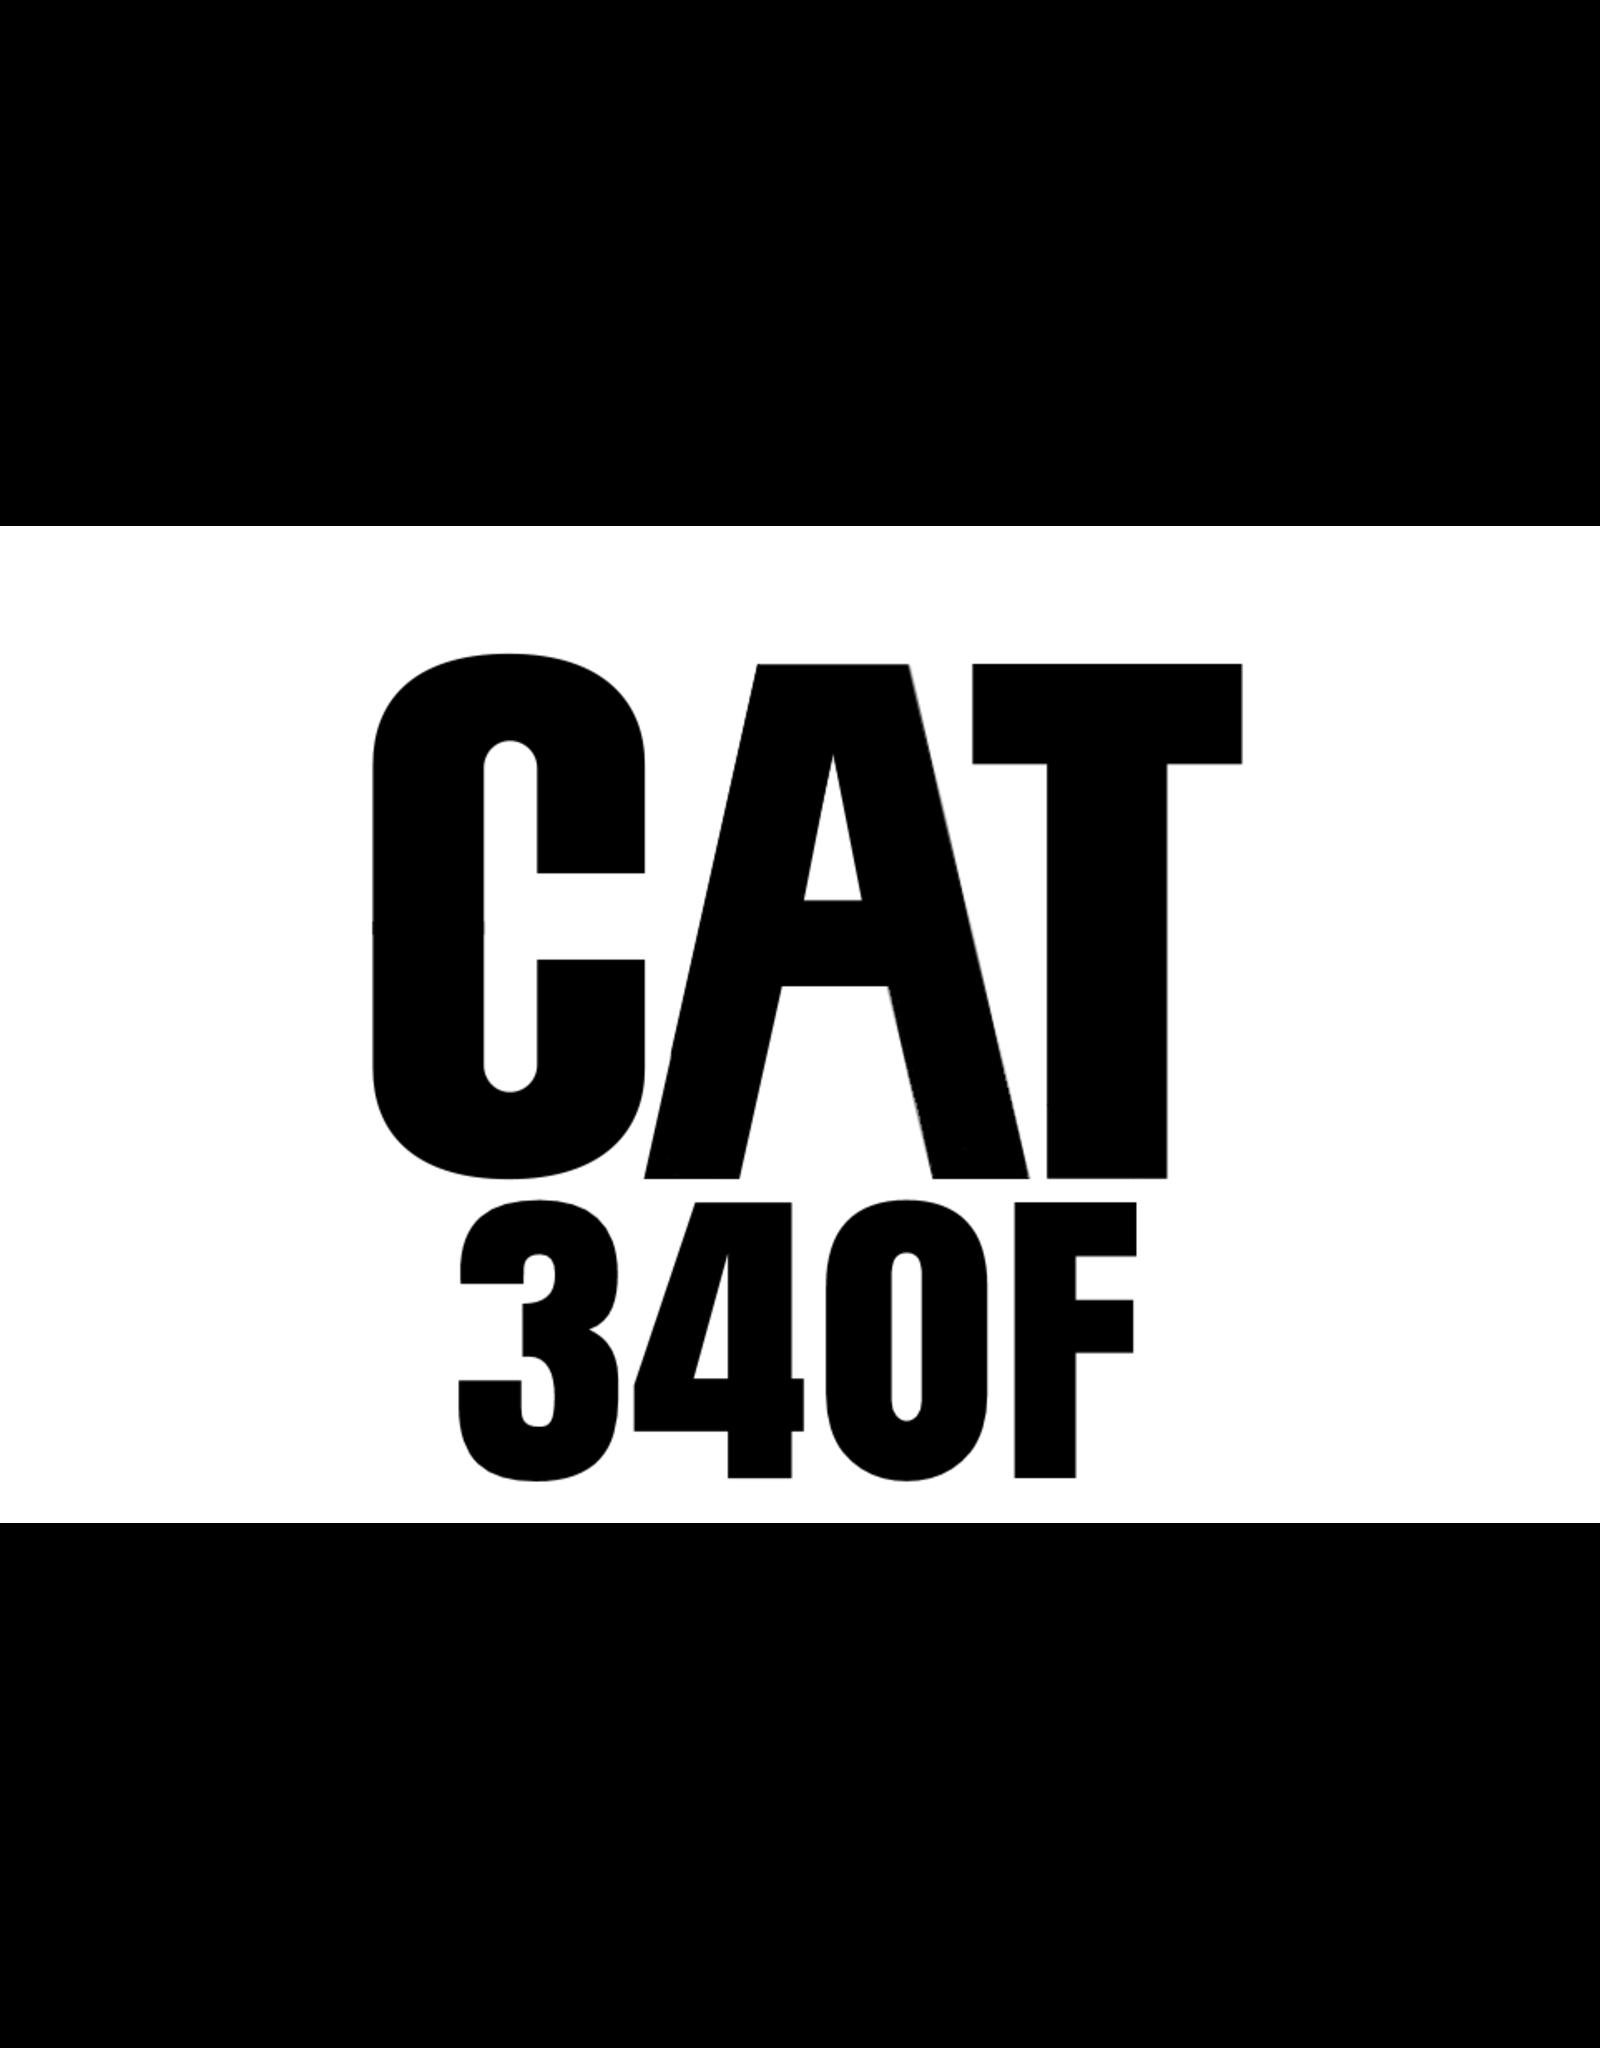 Echle Hartstahl GmbH FOPS für CAT 340F